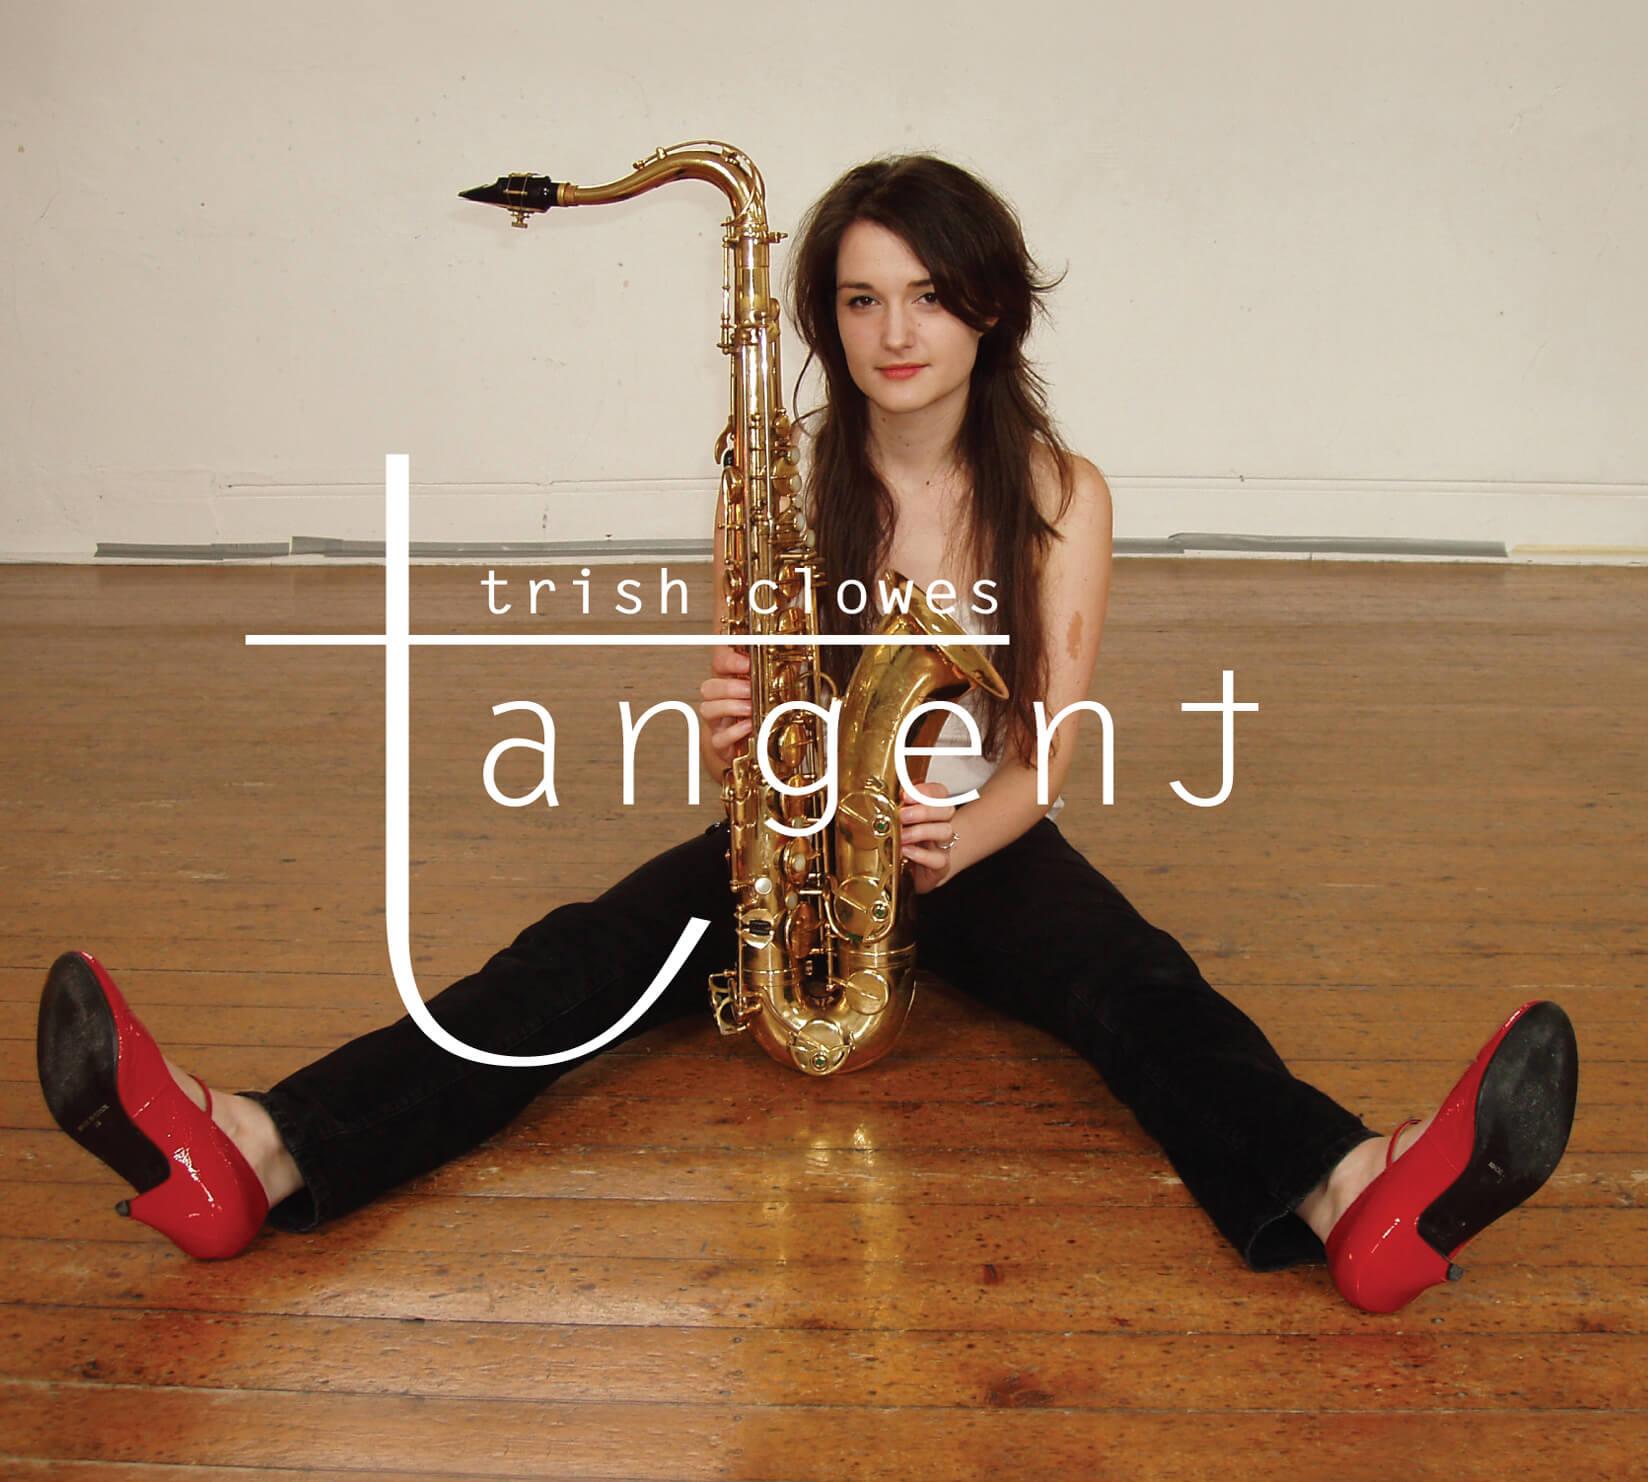 Trish Clowes Tangent